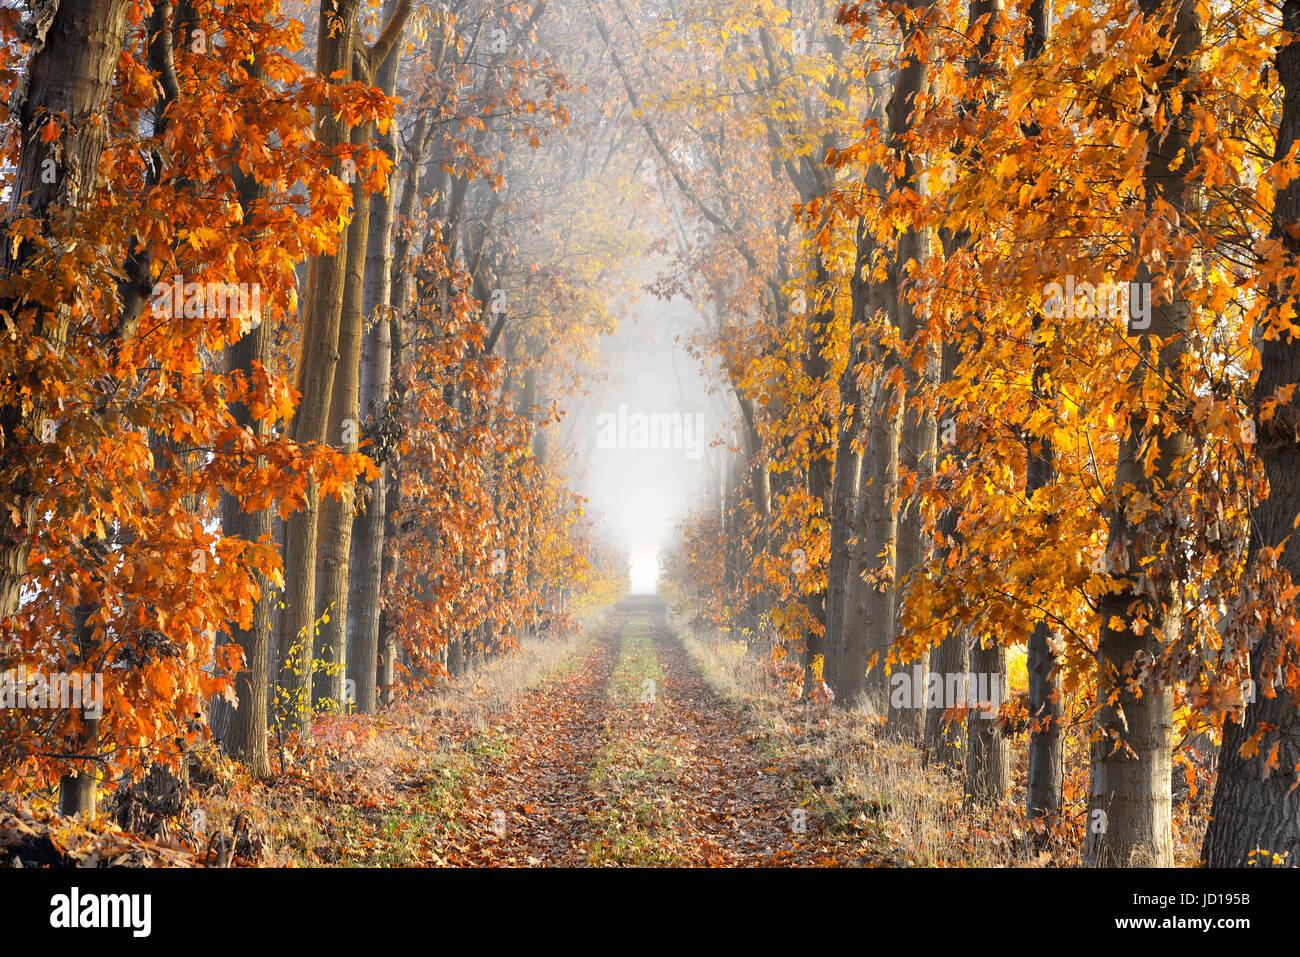 Une ruelle avec des feuilles tombées sur le terrain bordé d'arbres en automne couleurs montrant beaucoup Photo Stock